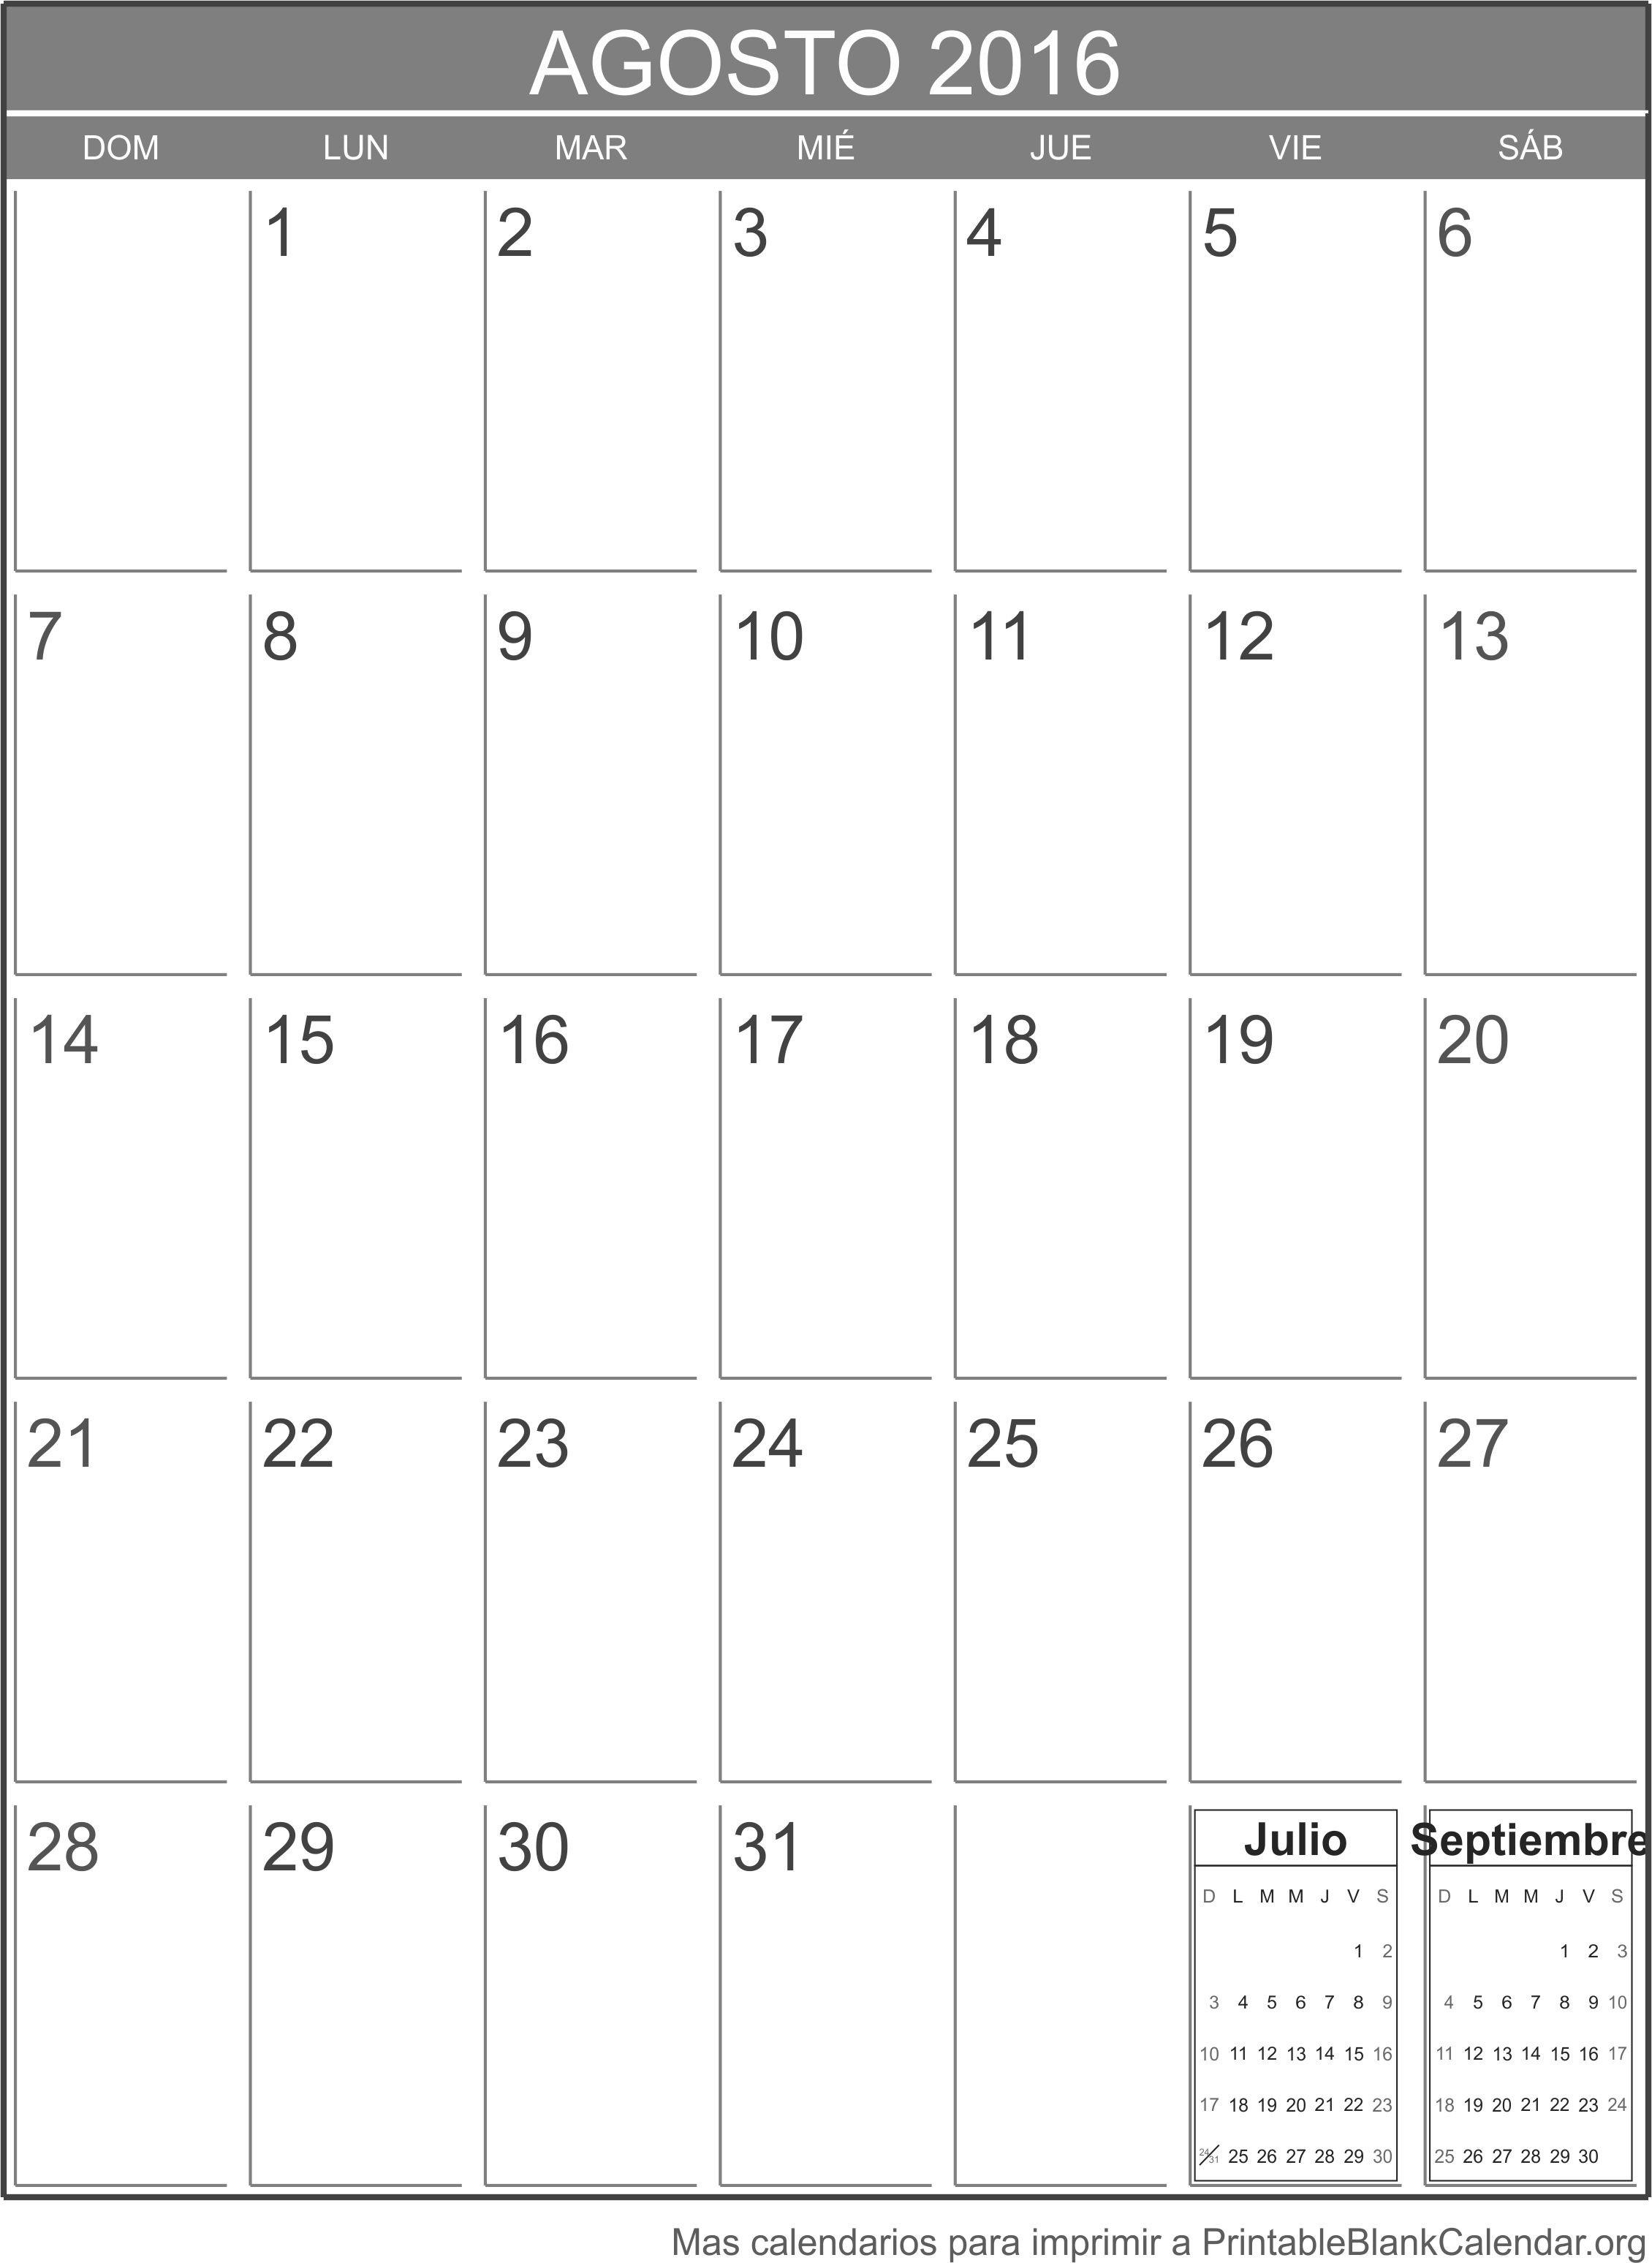 Calendario 2017 Com Lua E Feriados Para Imprimir Recientes Calendario Do Mes De Agosto 2016 Para Imprimir Chungcuso3luongyen Of Calendario 2017 Com Lua E Feriados Para Imprimir Más Populares atividades Diarias Realidade Suspensa organiza§£o Pinterest